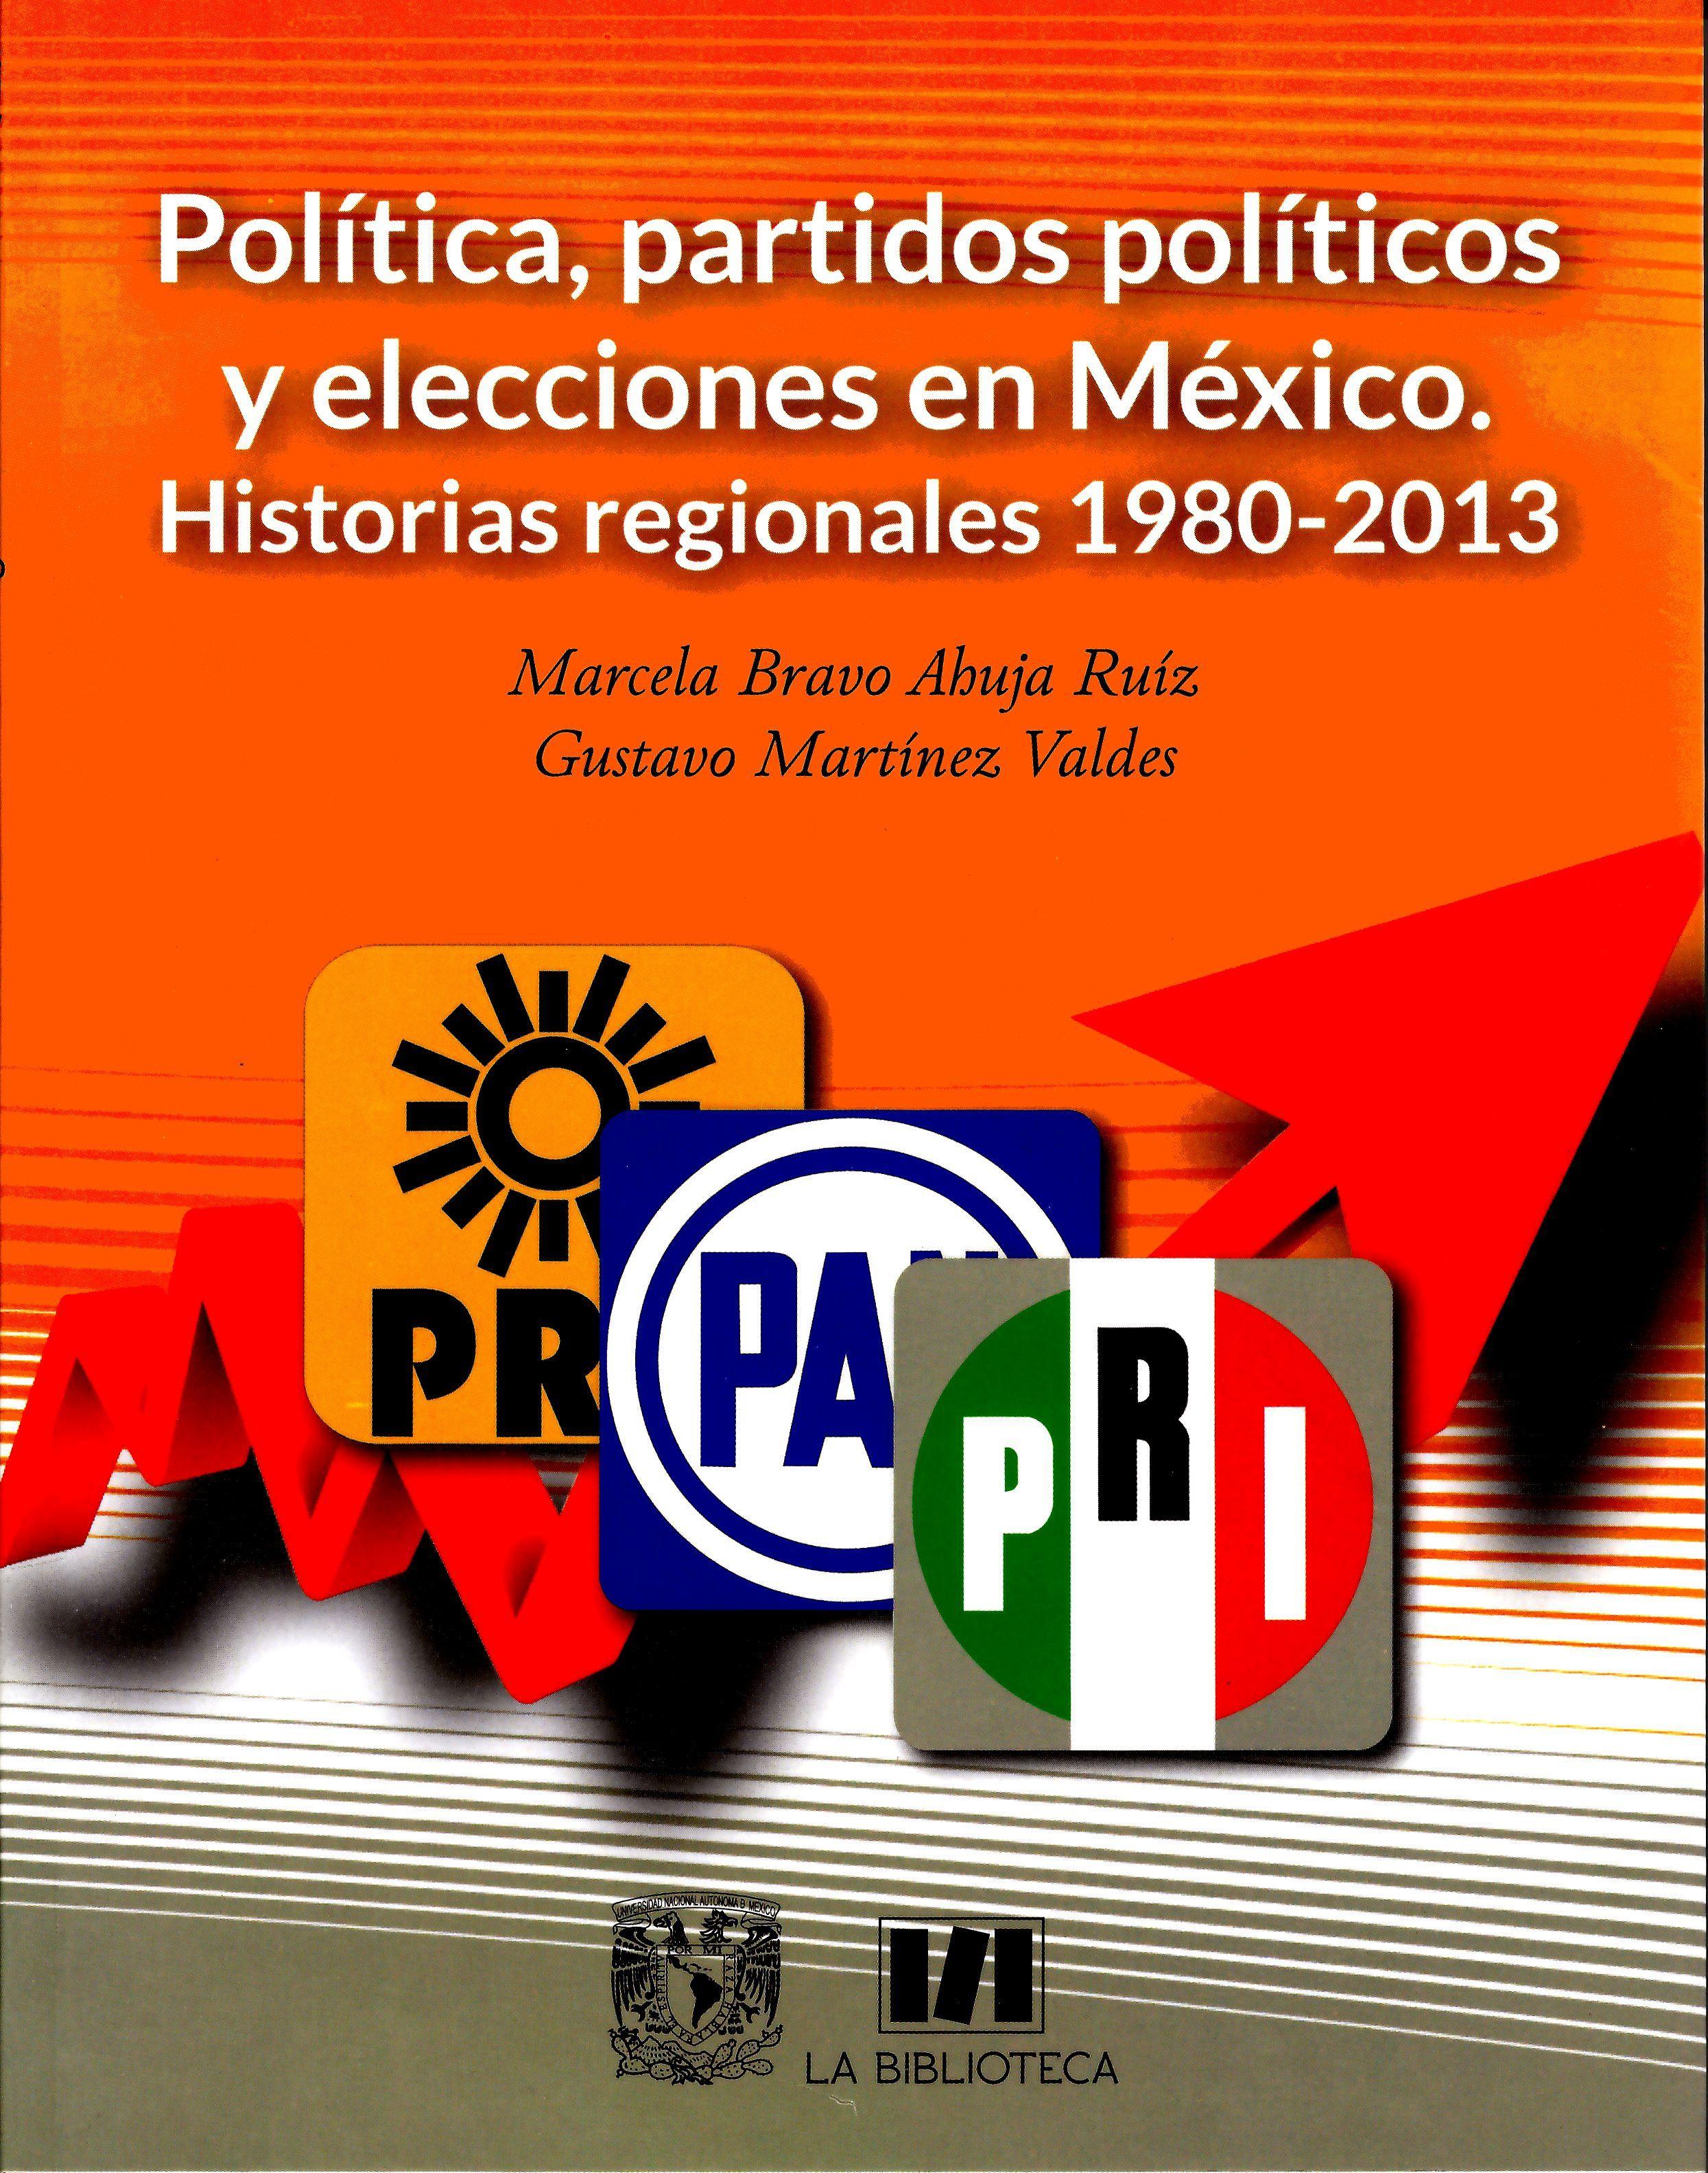 Política, partidos políticos y elecciones en México. Historias regionales 1980-2013